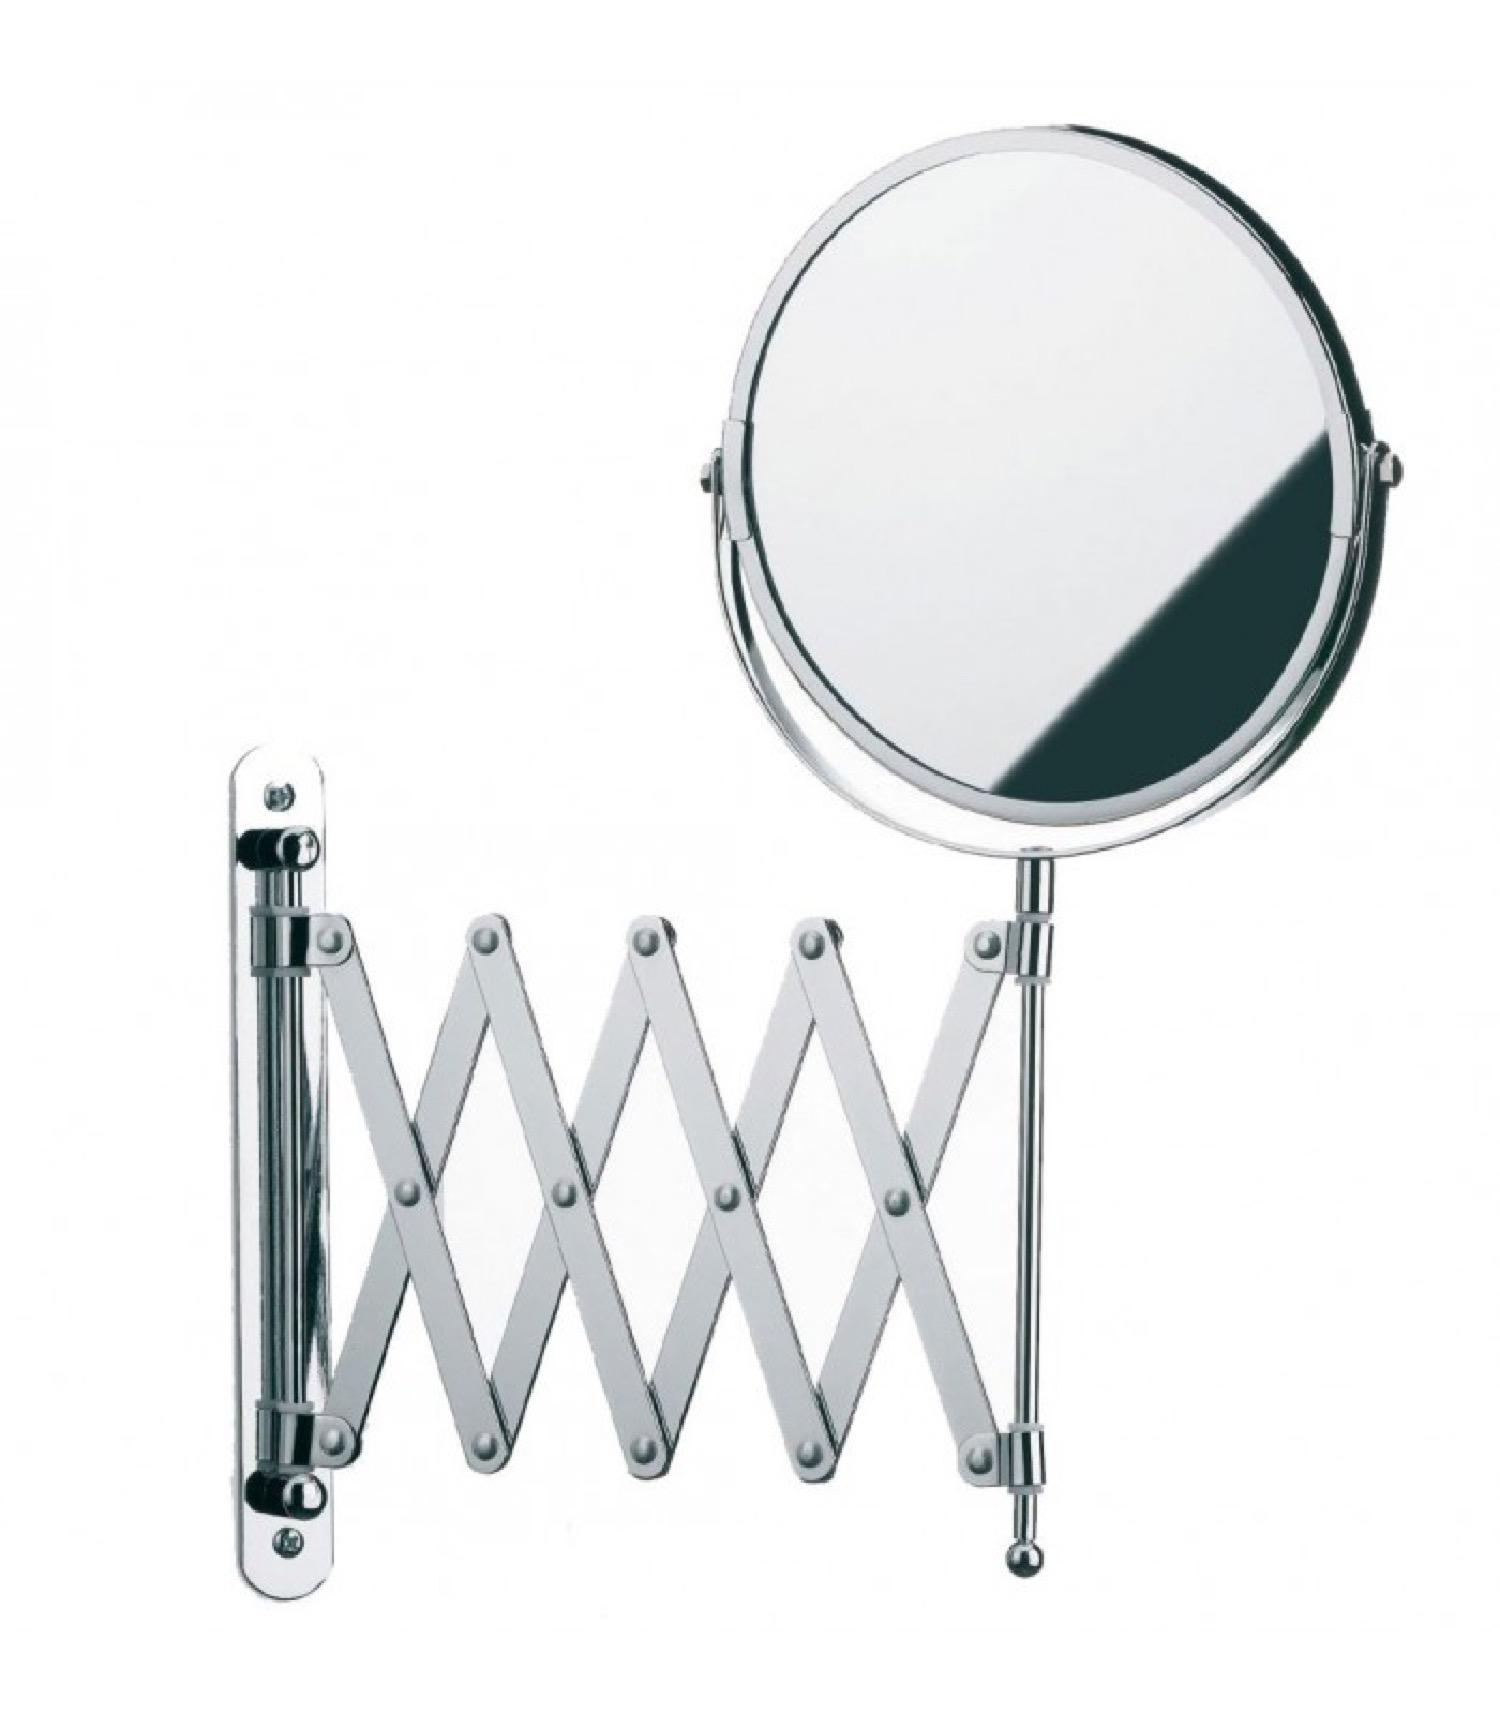 Miroir mural grossissant x5 double face sur bras extensible